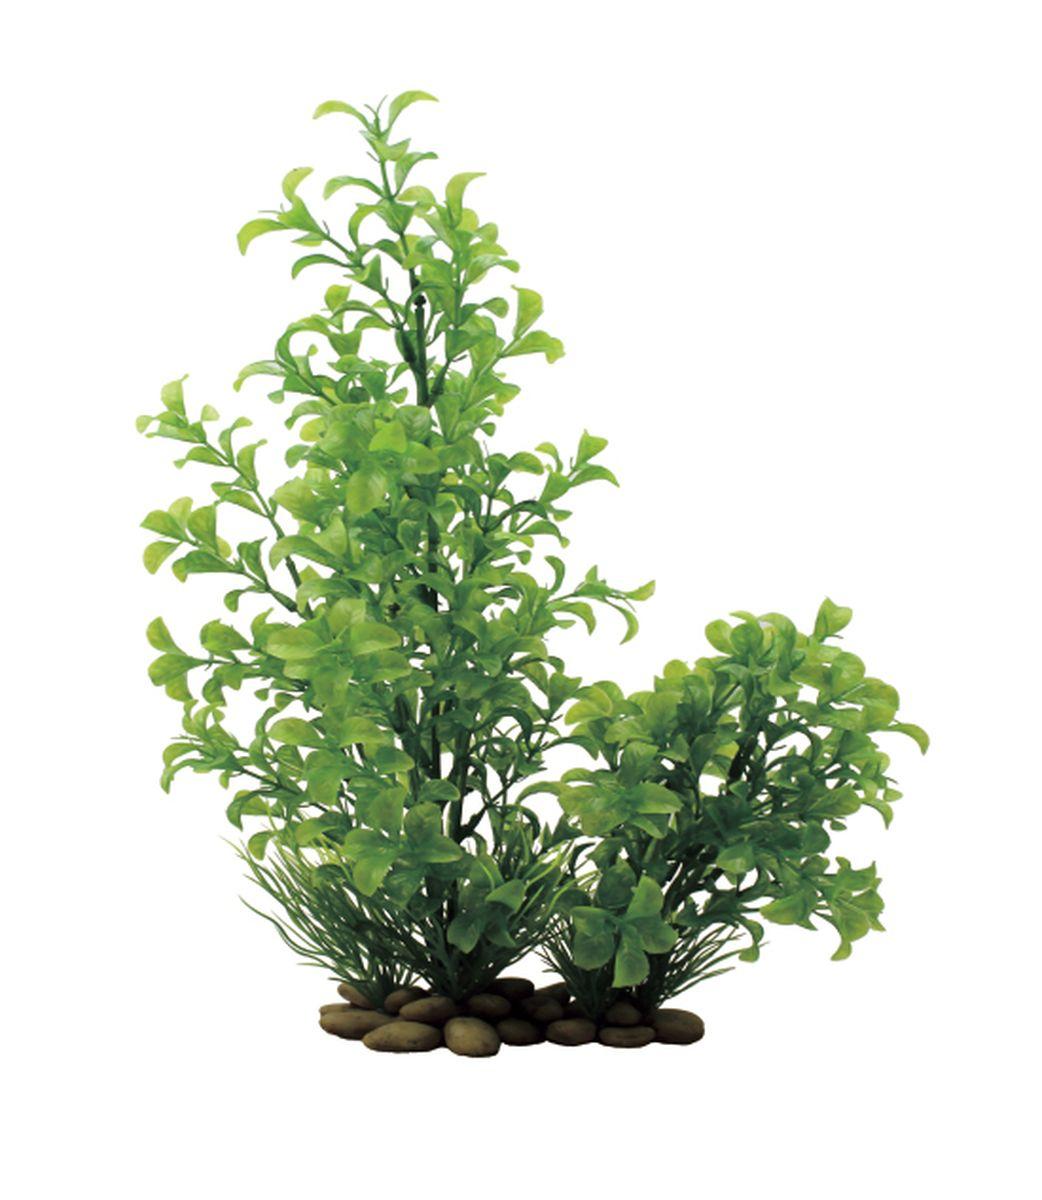 Растение для аквариума ArtUniq Людвигия зеленая, высота 30 см0120710Композиция из искусственных растений ArtUniq превосходно украсит и оживит аквариум.Растения - это важная часть любой композиции, они помогут вдохнуть жизнь в ландшафт любого аквариума или террариума. А их сходствос природными порадует даже самых взыскательных ценителей.